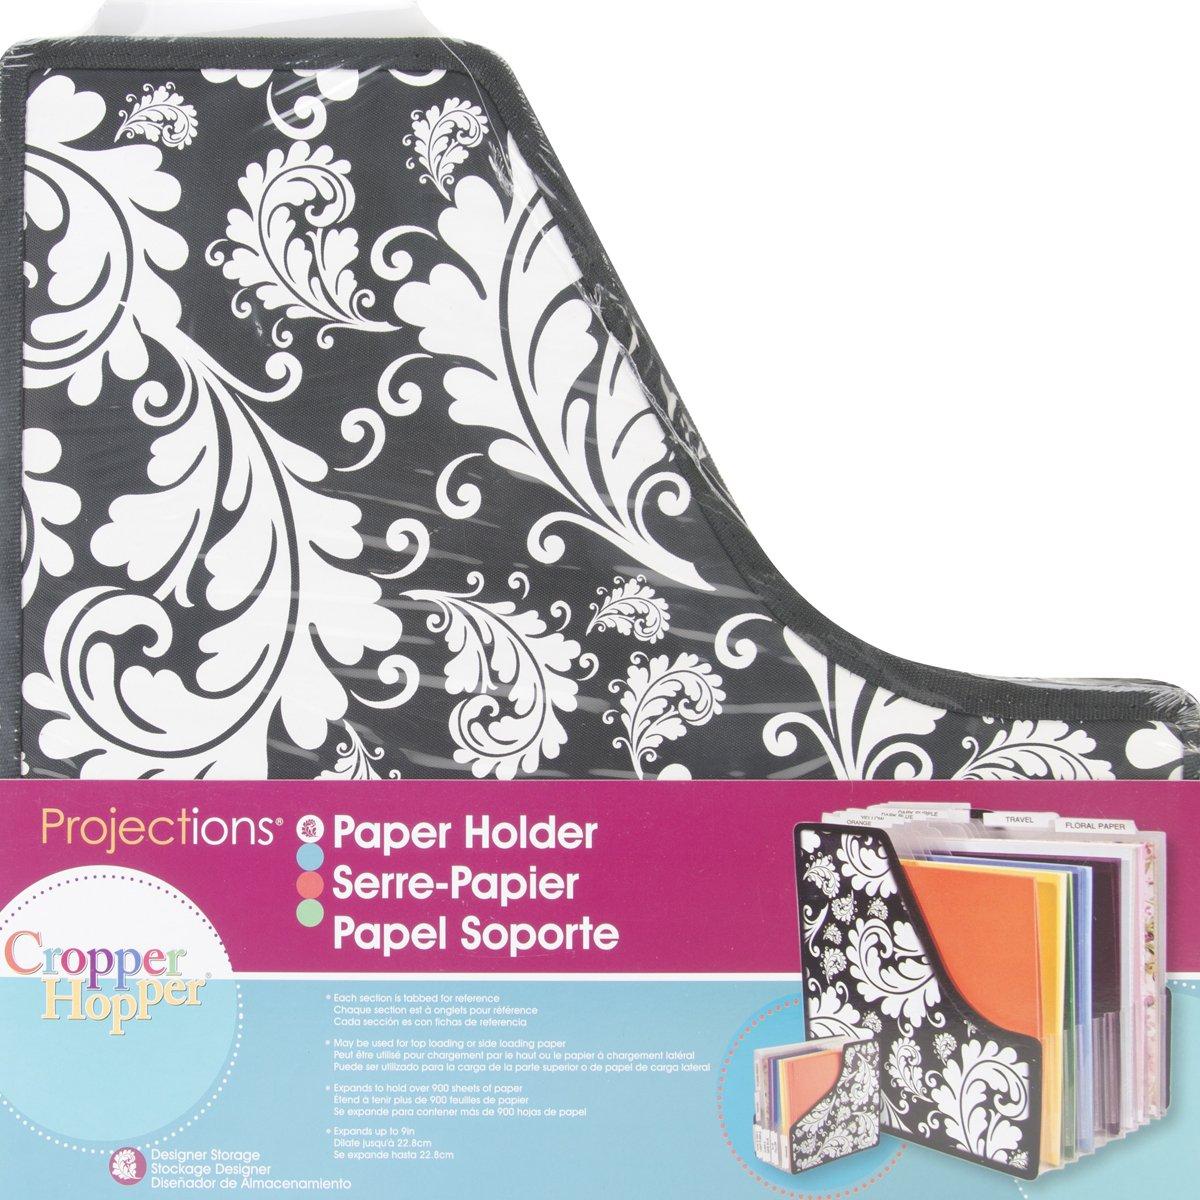 Advantus Cropper Hopper Projections Expandable Sticker Stadium